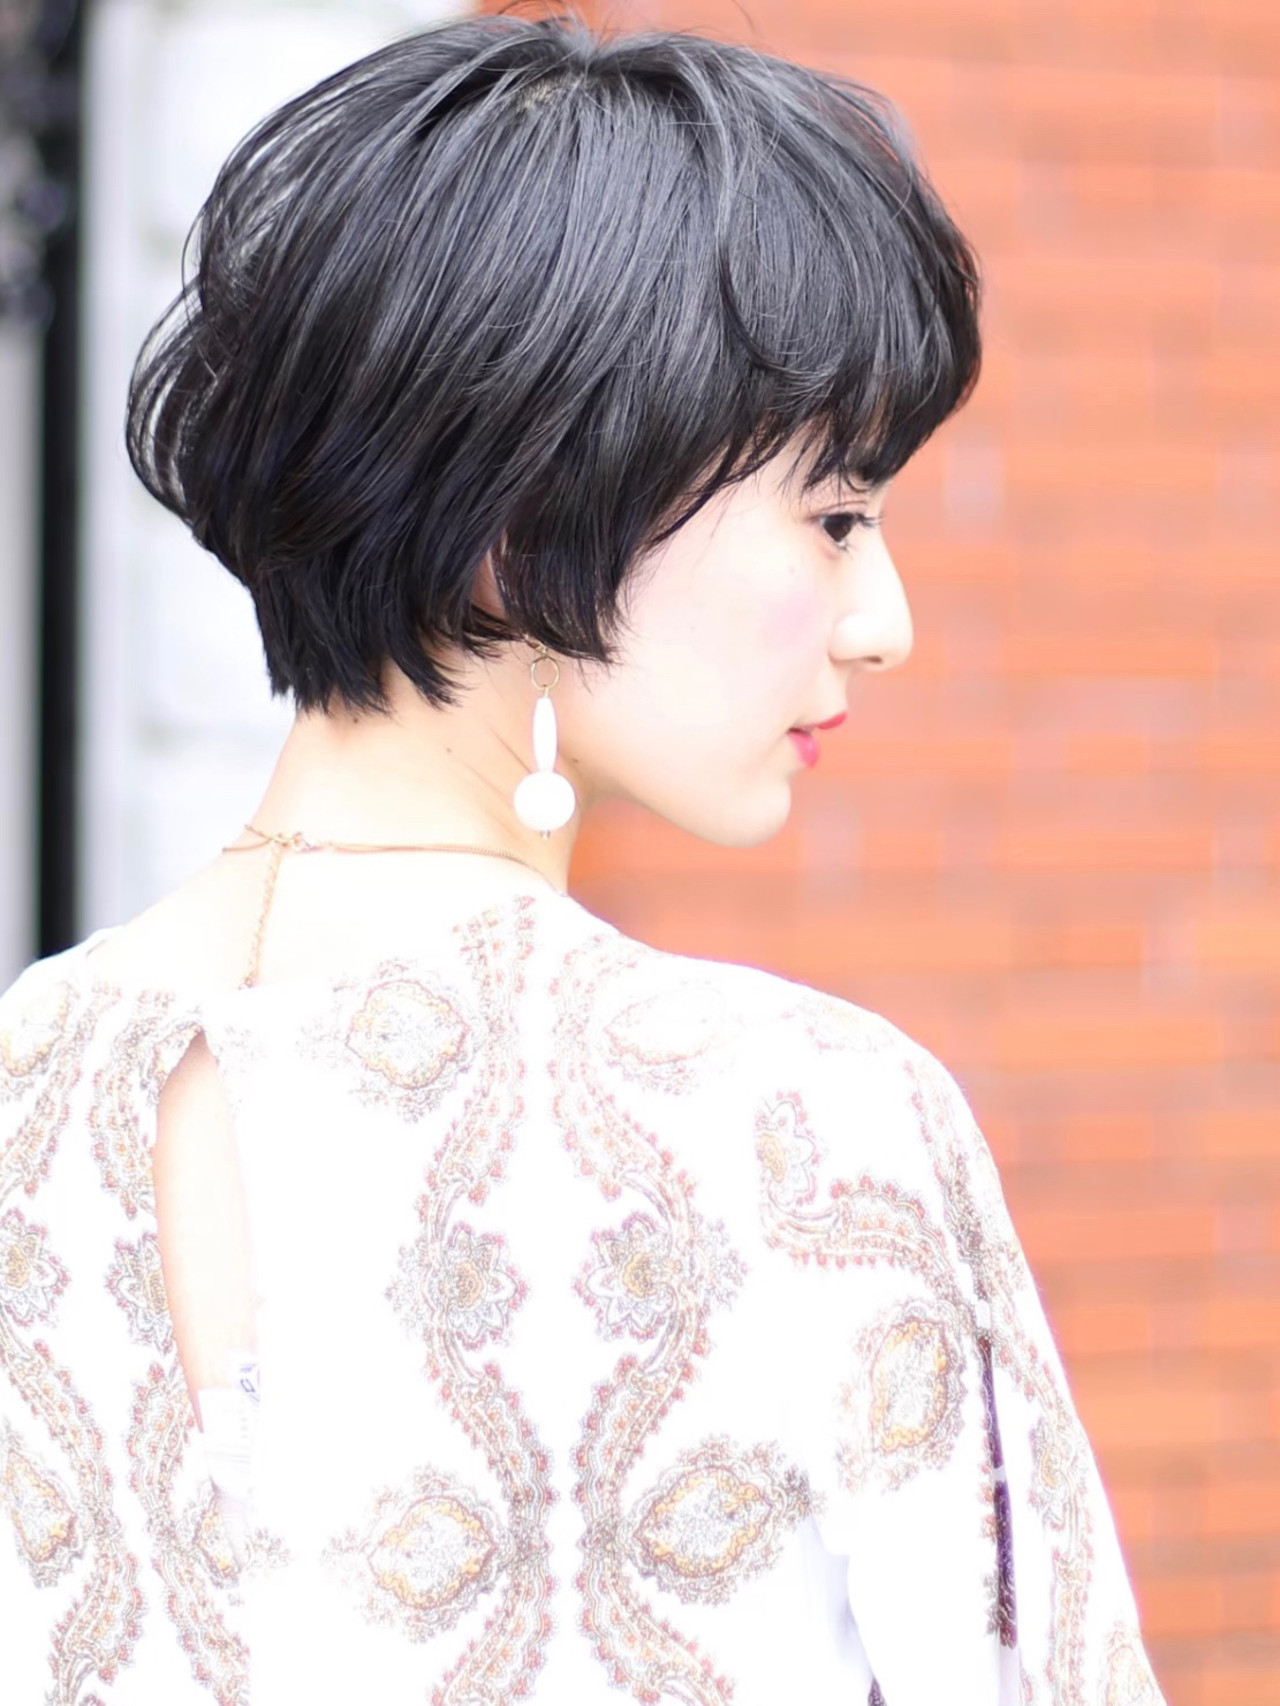 小顔ショート デジタルパーマ ショートヘア ショート ヘアスタイルや髪型の写真・画像 | いしばしなおや / &STORIES 表参道